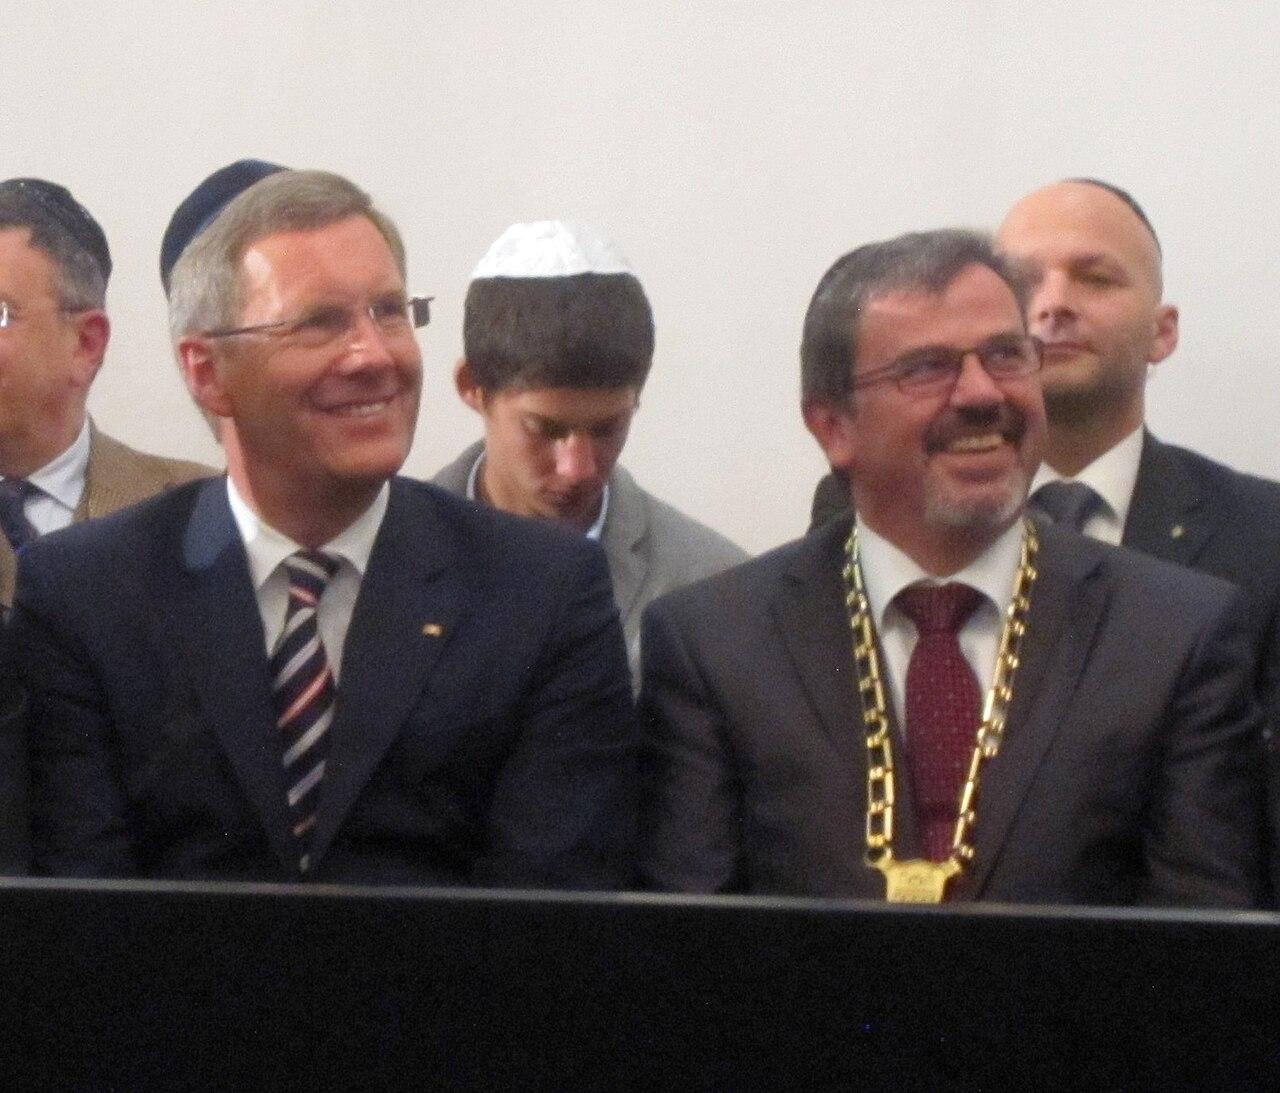 9h 9g Ehrengäste Ausschnitt bei der Einweihung der Speyerer Synagoge 2.jpg